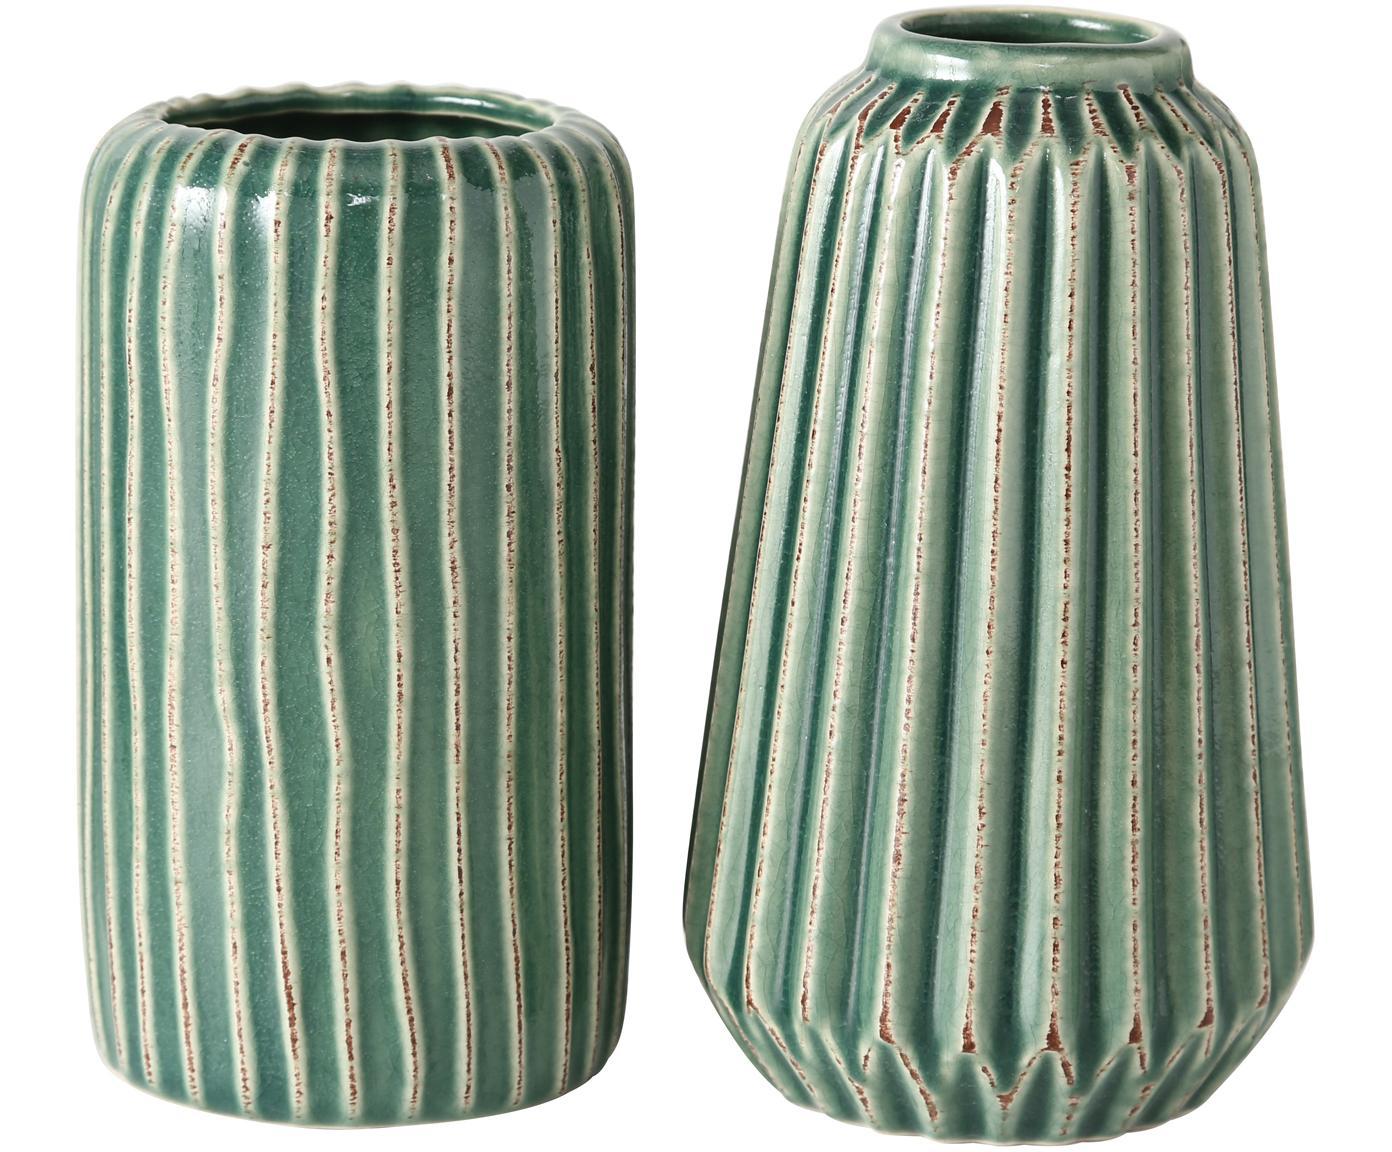 Steingut-Vasen-Set Icona, 2-tlg., Steingut, Grün, Braun, Beige, Verschiedene Grössen